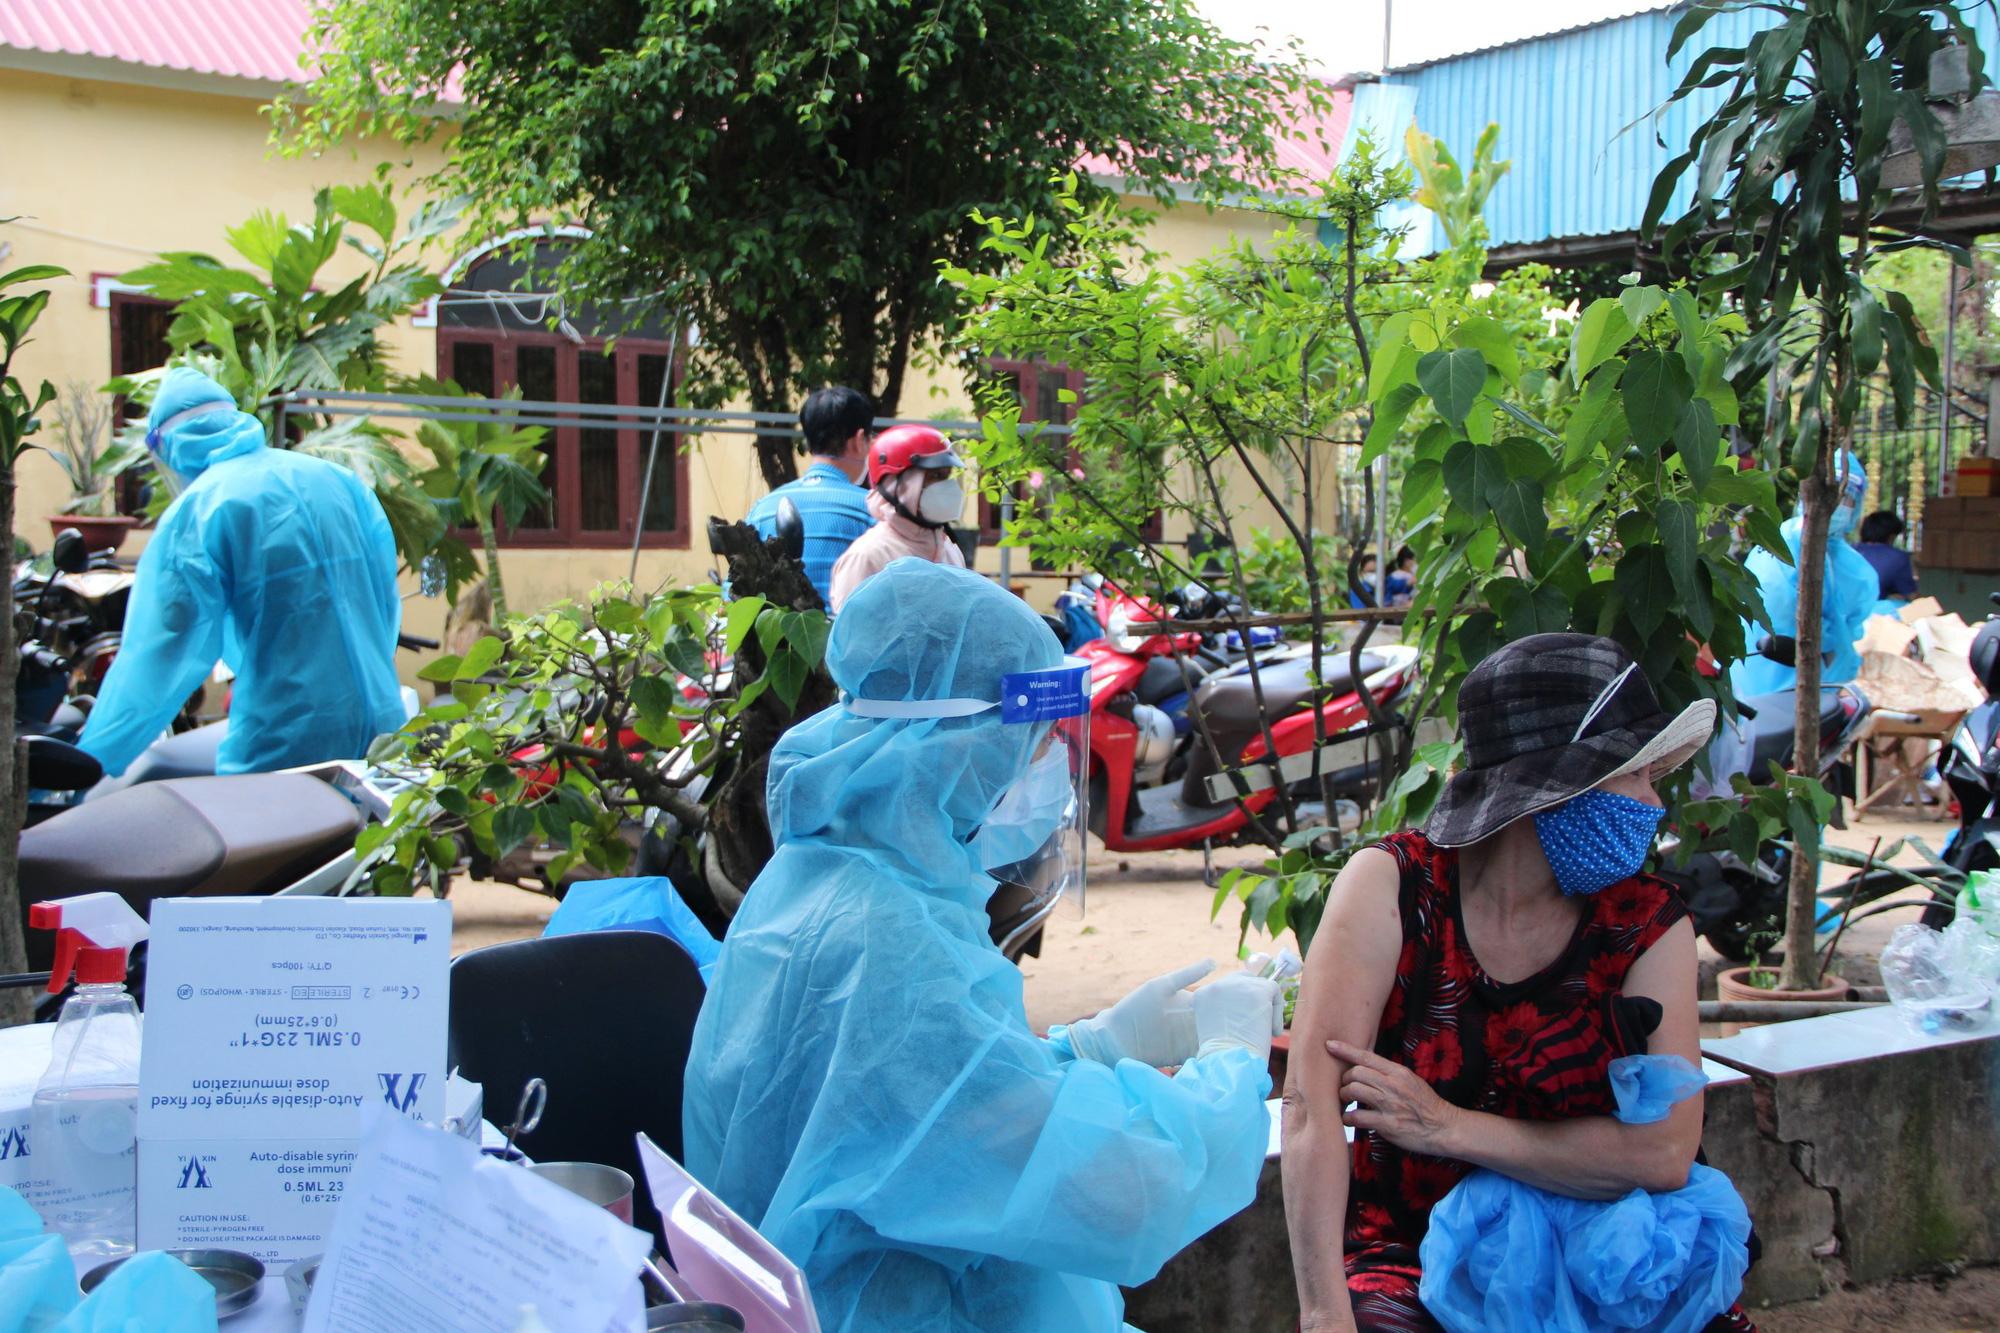 Đội tiêm ngừa vaccine COVID-19 lưu động cho người dân khu vực phong tỏa - Ảnh 8.